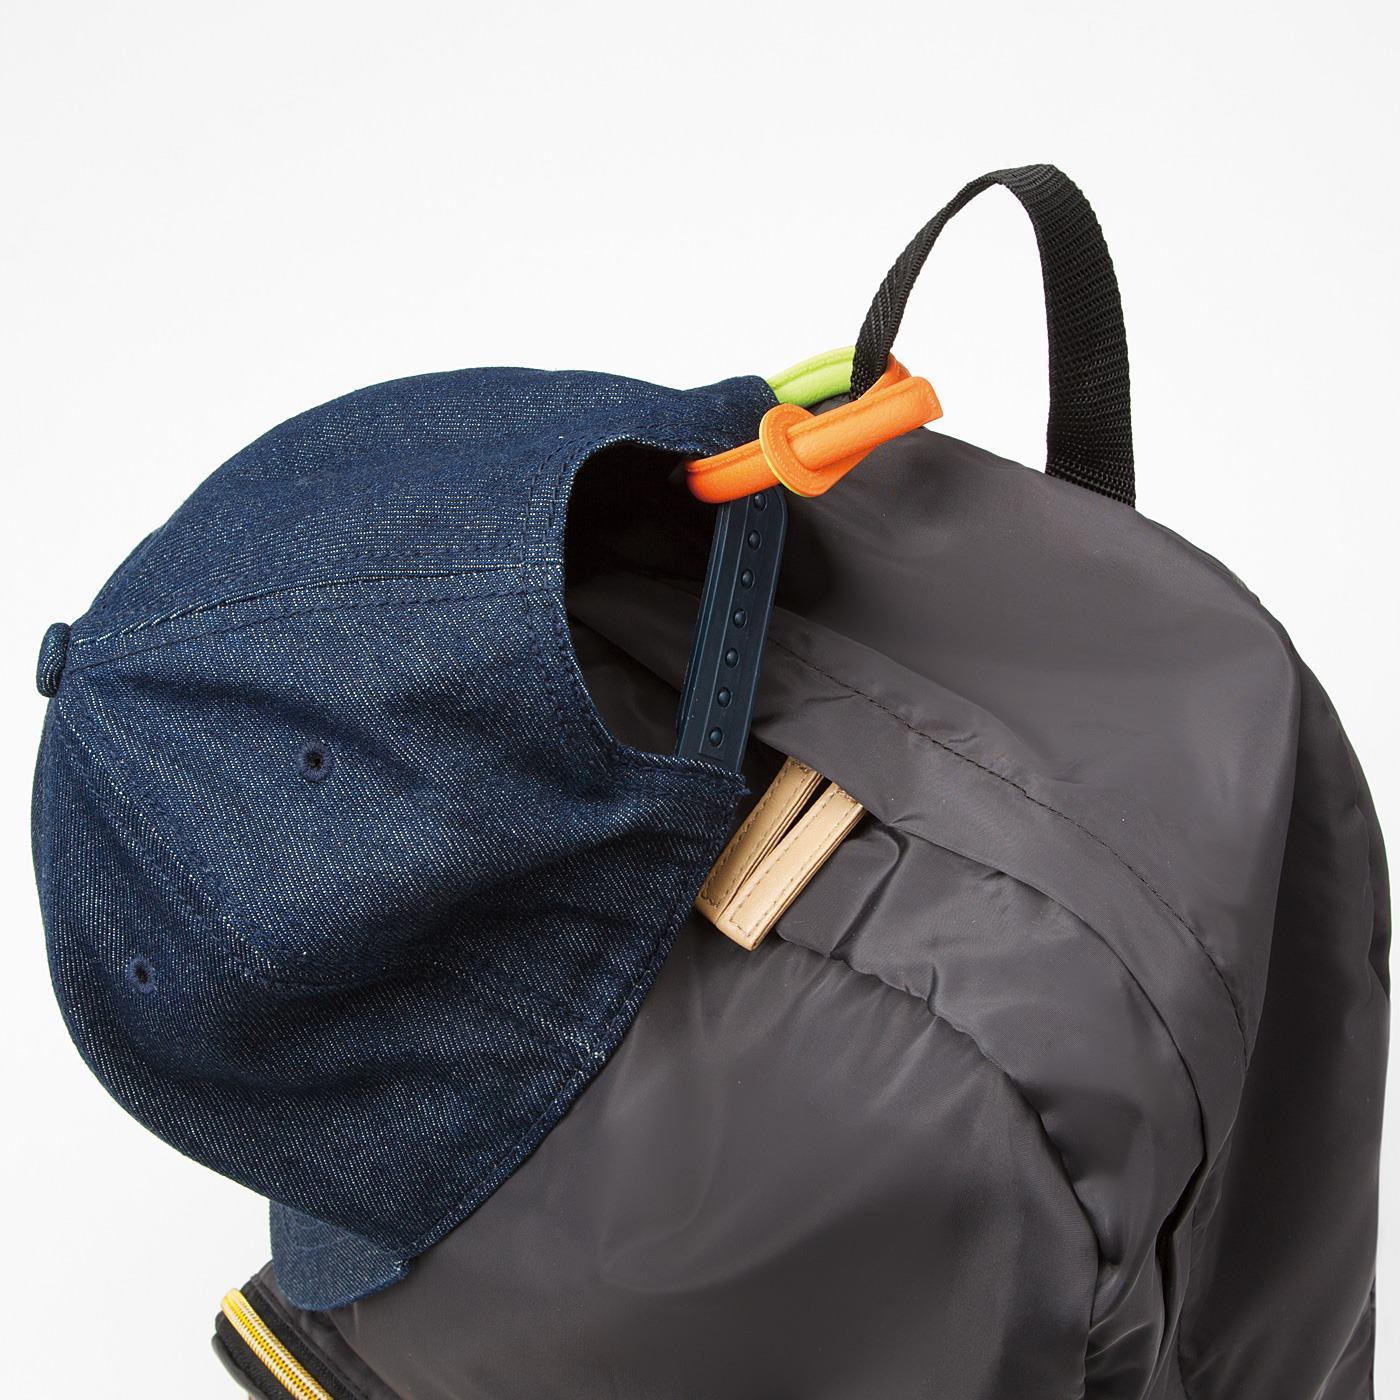 ひと巻きして帽子をバッグに引っ掛けたり、ぐるぐる巻いて袋を留めたり。いろんな使い道を見つけて。